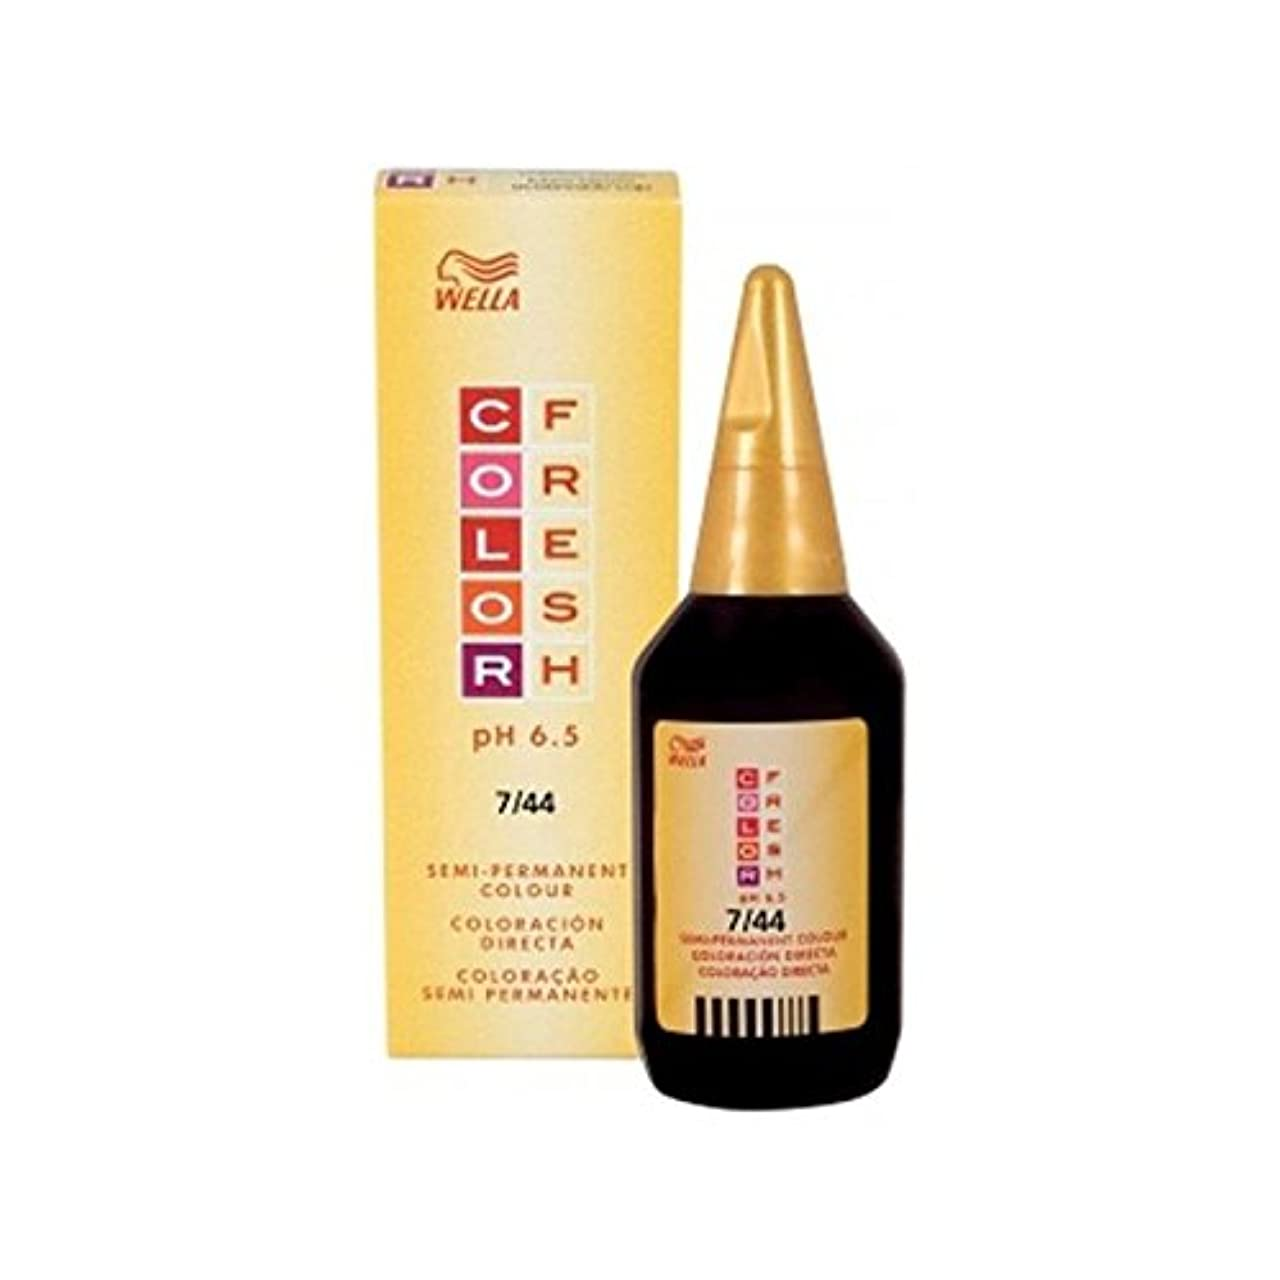 踊り子ハイランド脅威Wella Color Fresh Medium Intense Red Blonde 7.44 (75ml) (Pack of 6) - ウエラカラー新鮮な培地強い赤色ブロンド7.44(75ミリリットル) x6 [並行輸入品]